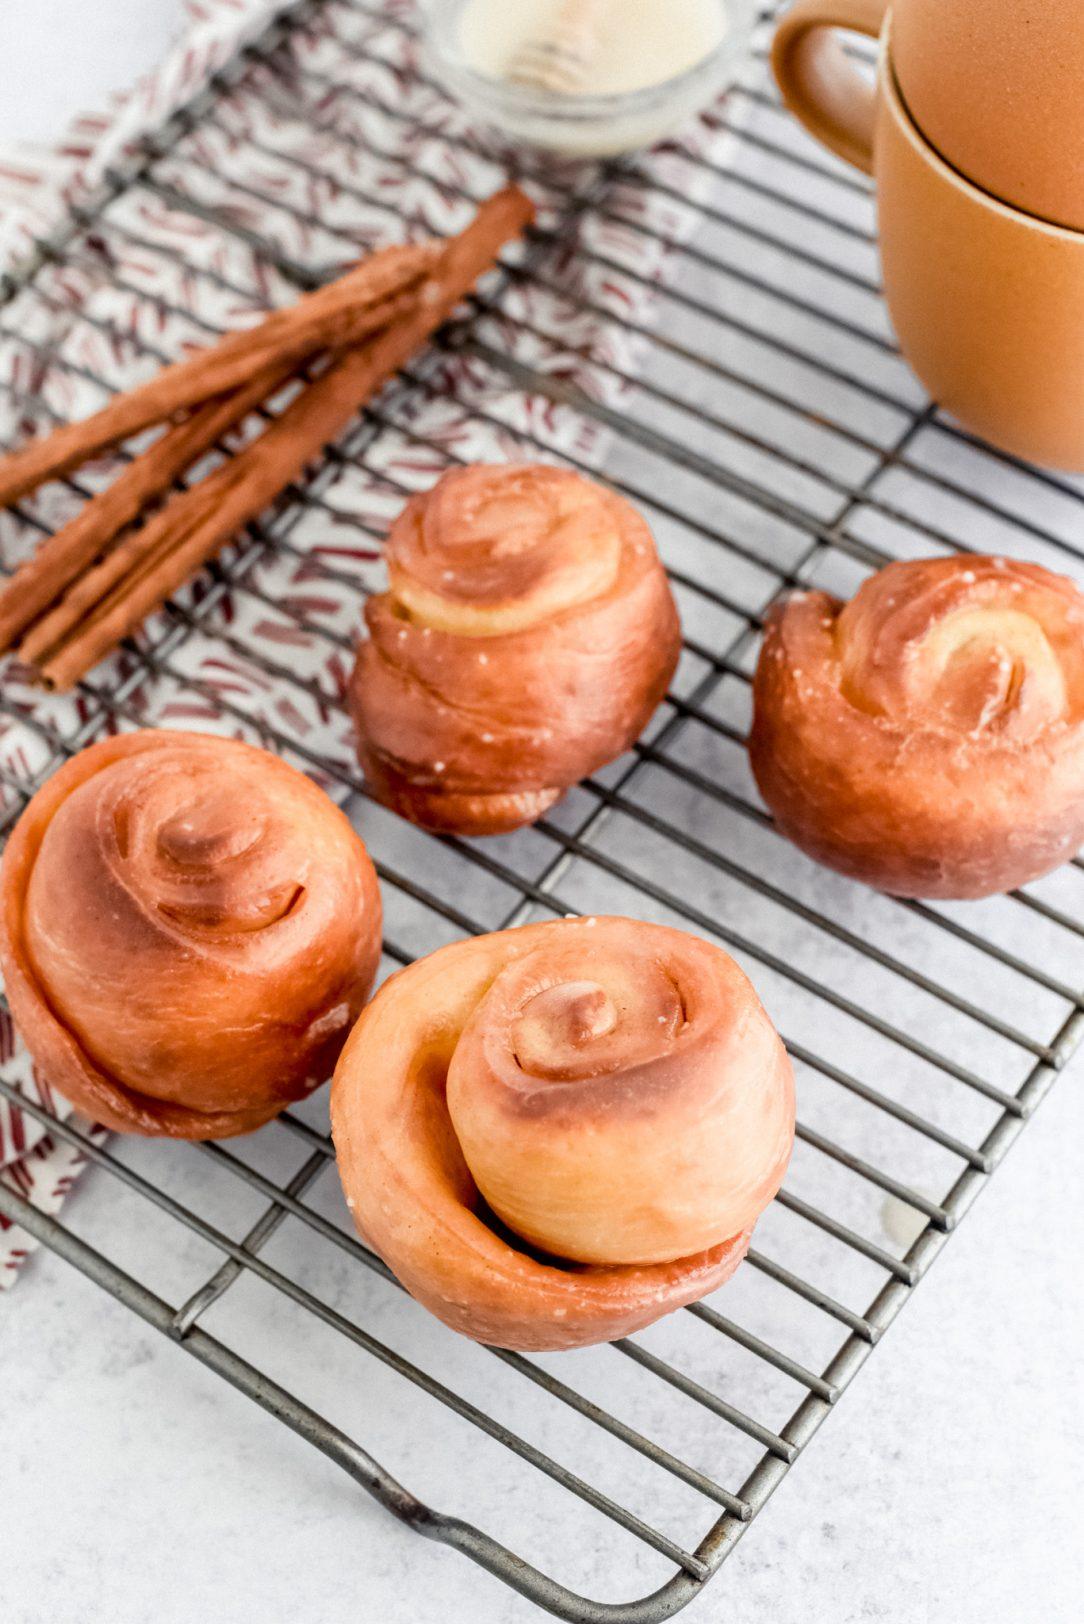 honey buns on baking rack